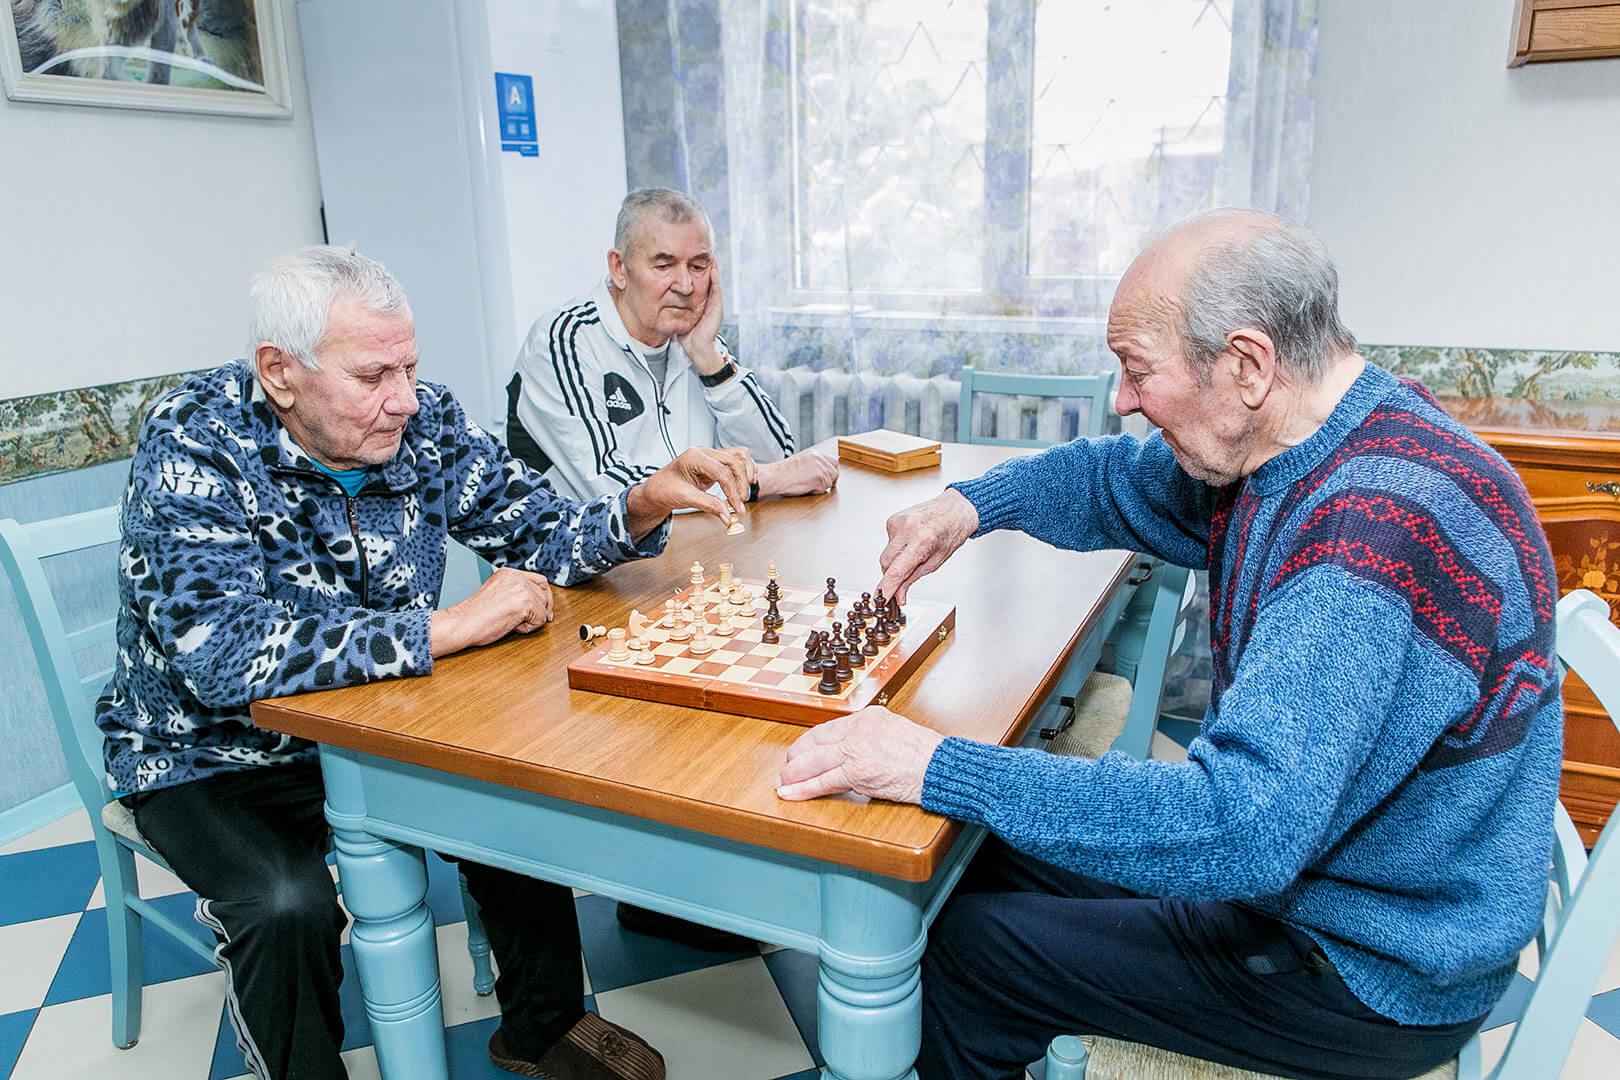 Пансионат для пожилых афанасово senior group пансионат для пожилых сергиев посад